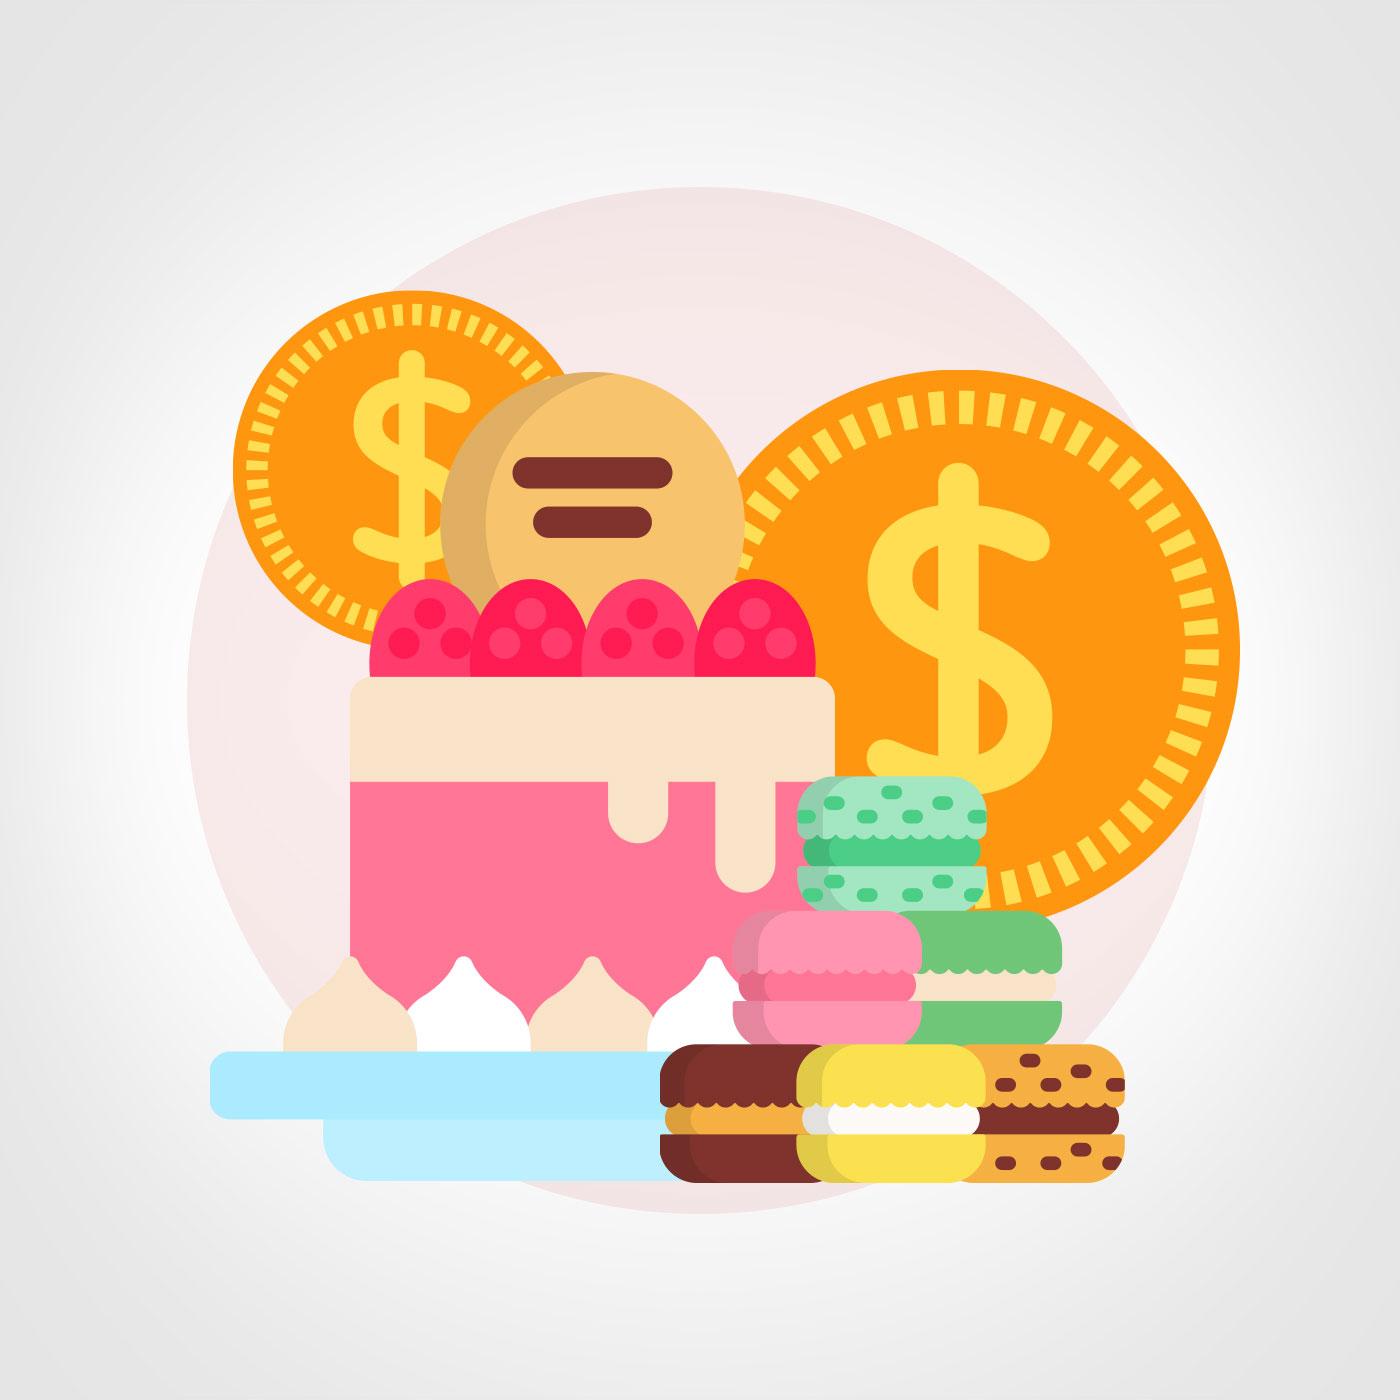 Saiba como calcular o preço de venda dos seus doces